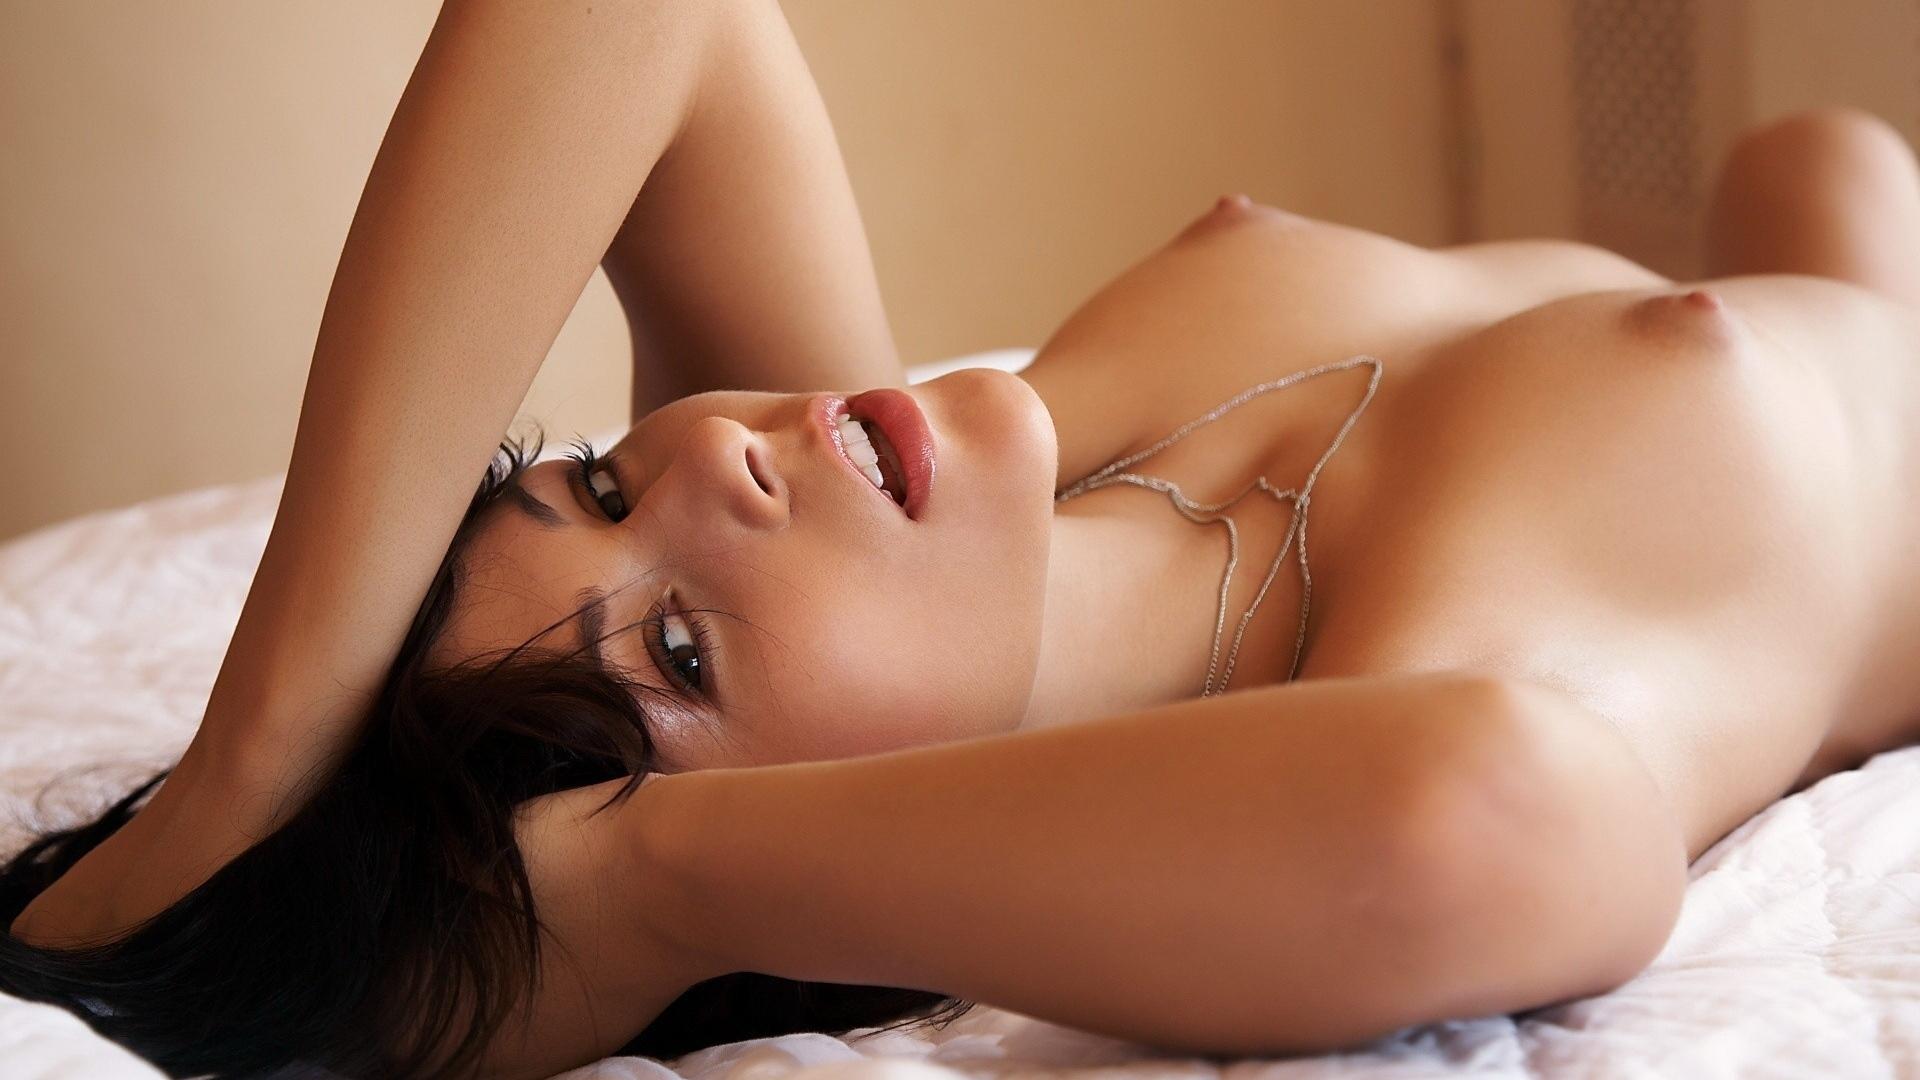 Жанна с большими сиськами порно фото